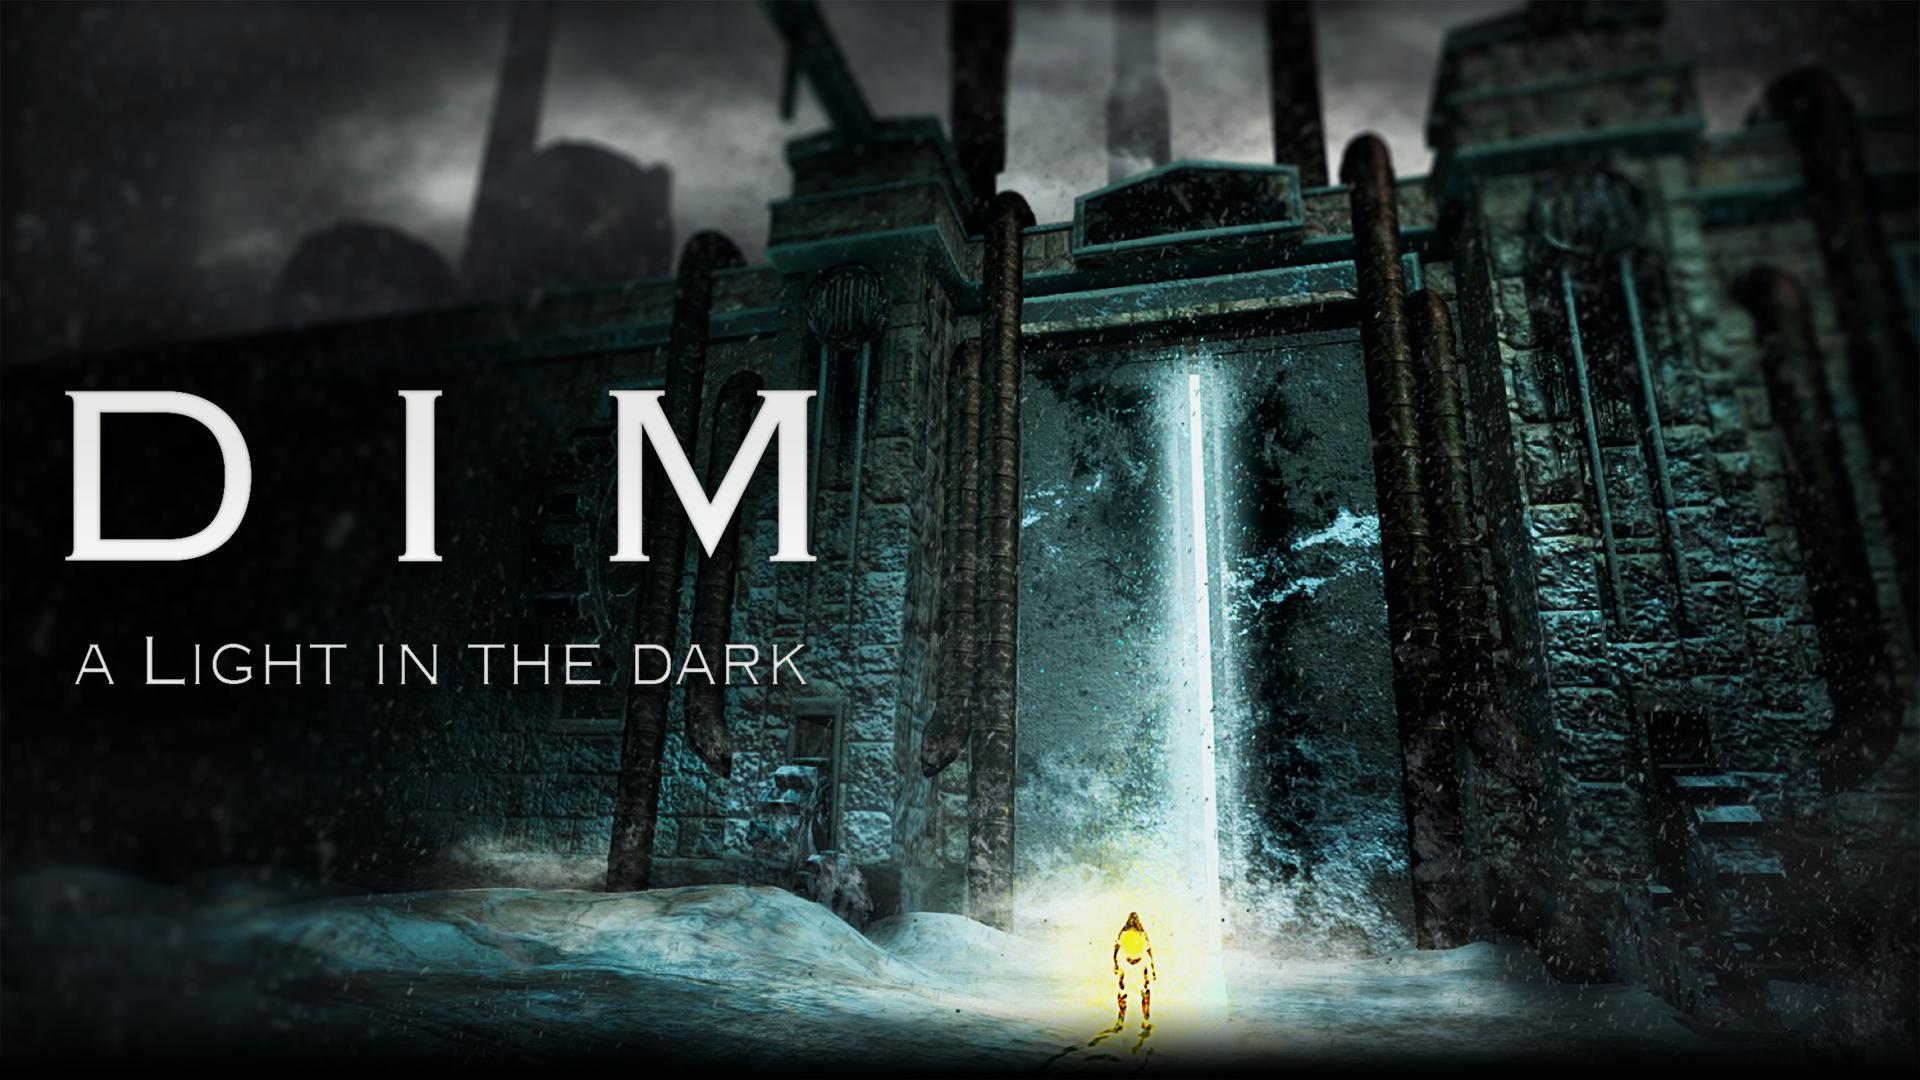 Dim: A Light In The Dark